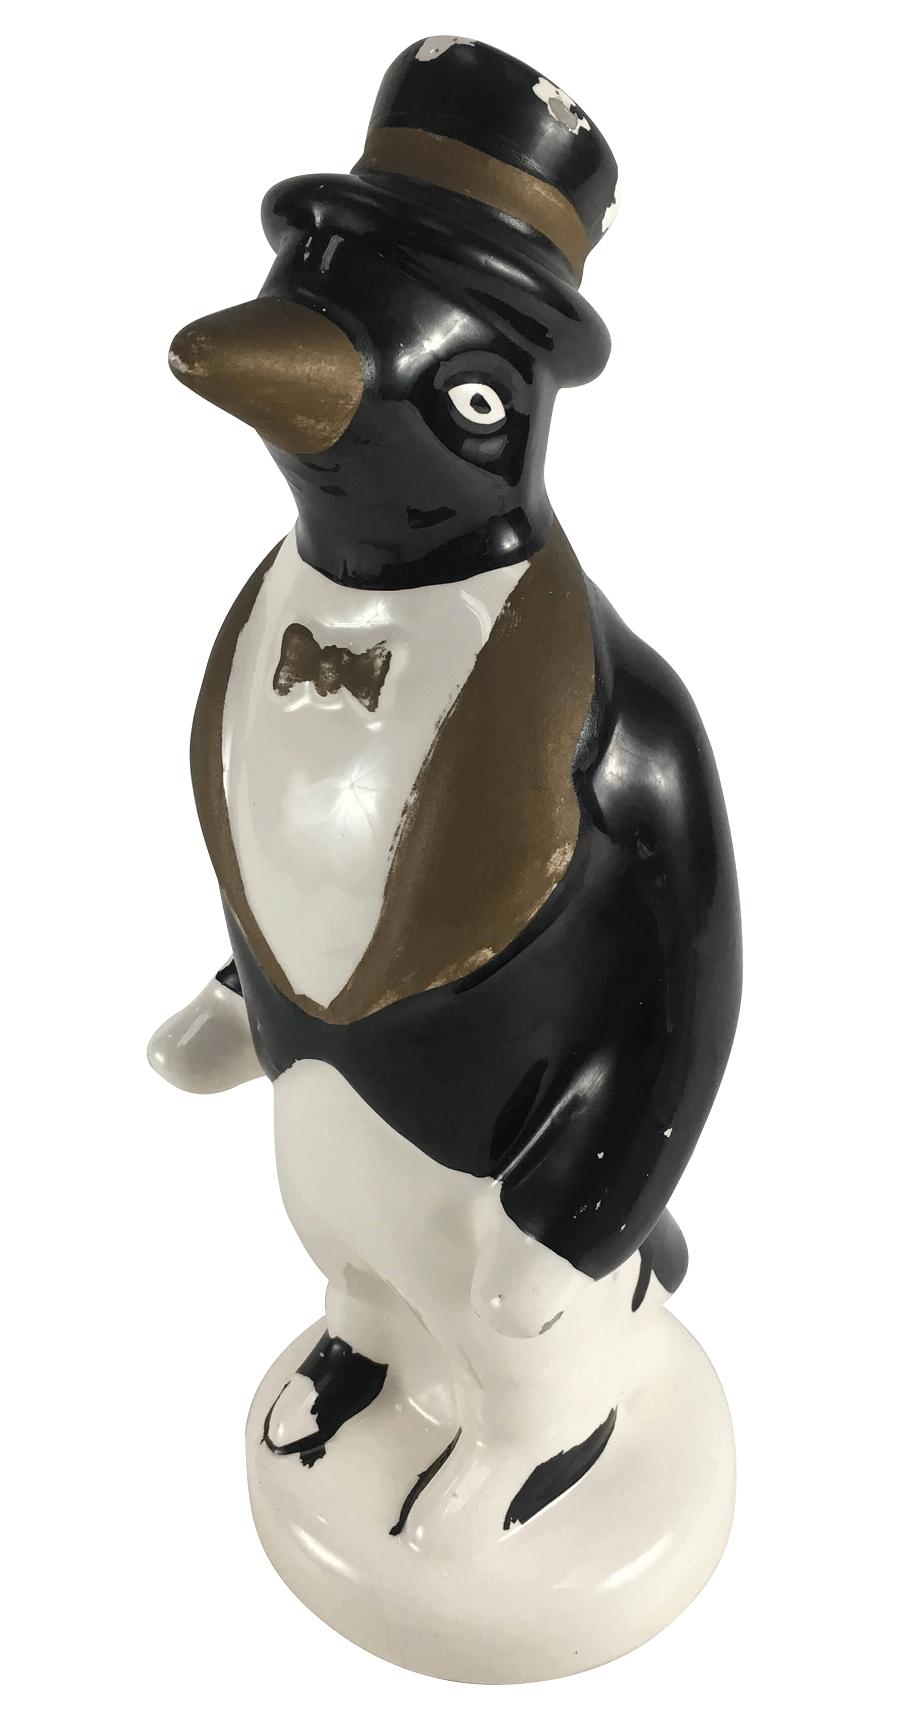 Escultura Porcelana Pinguim 29cm Altura